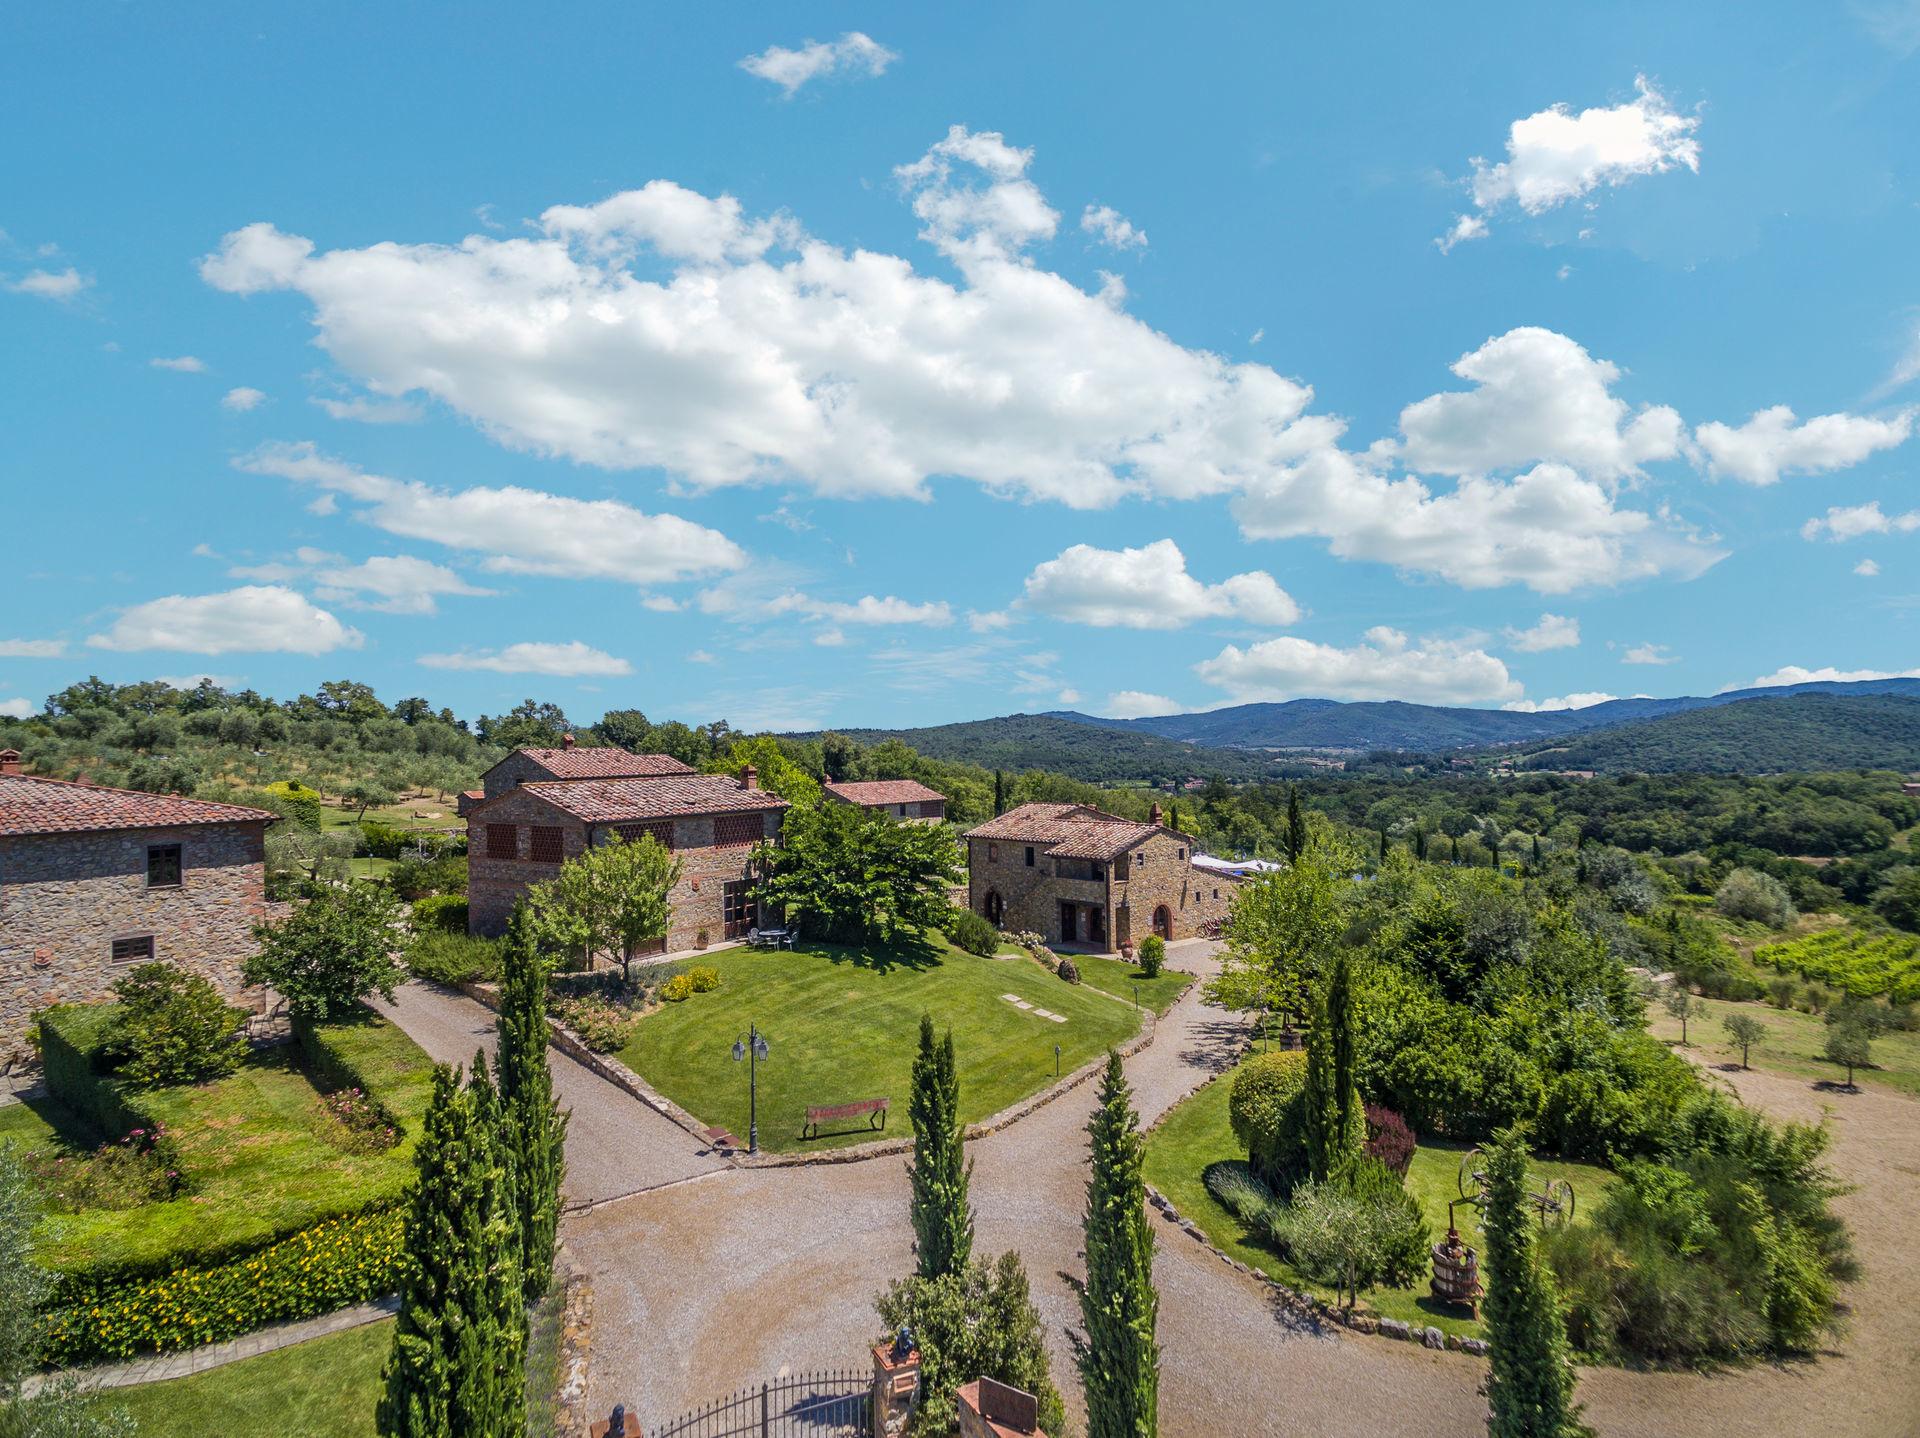 Country hamlet in Valdarno